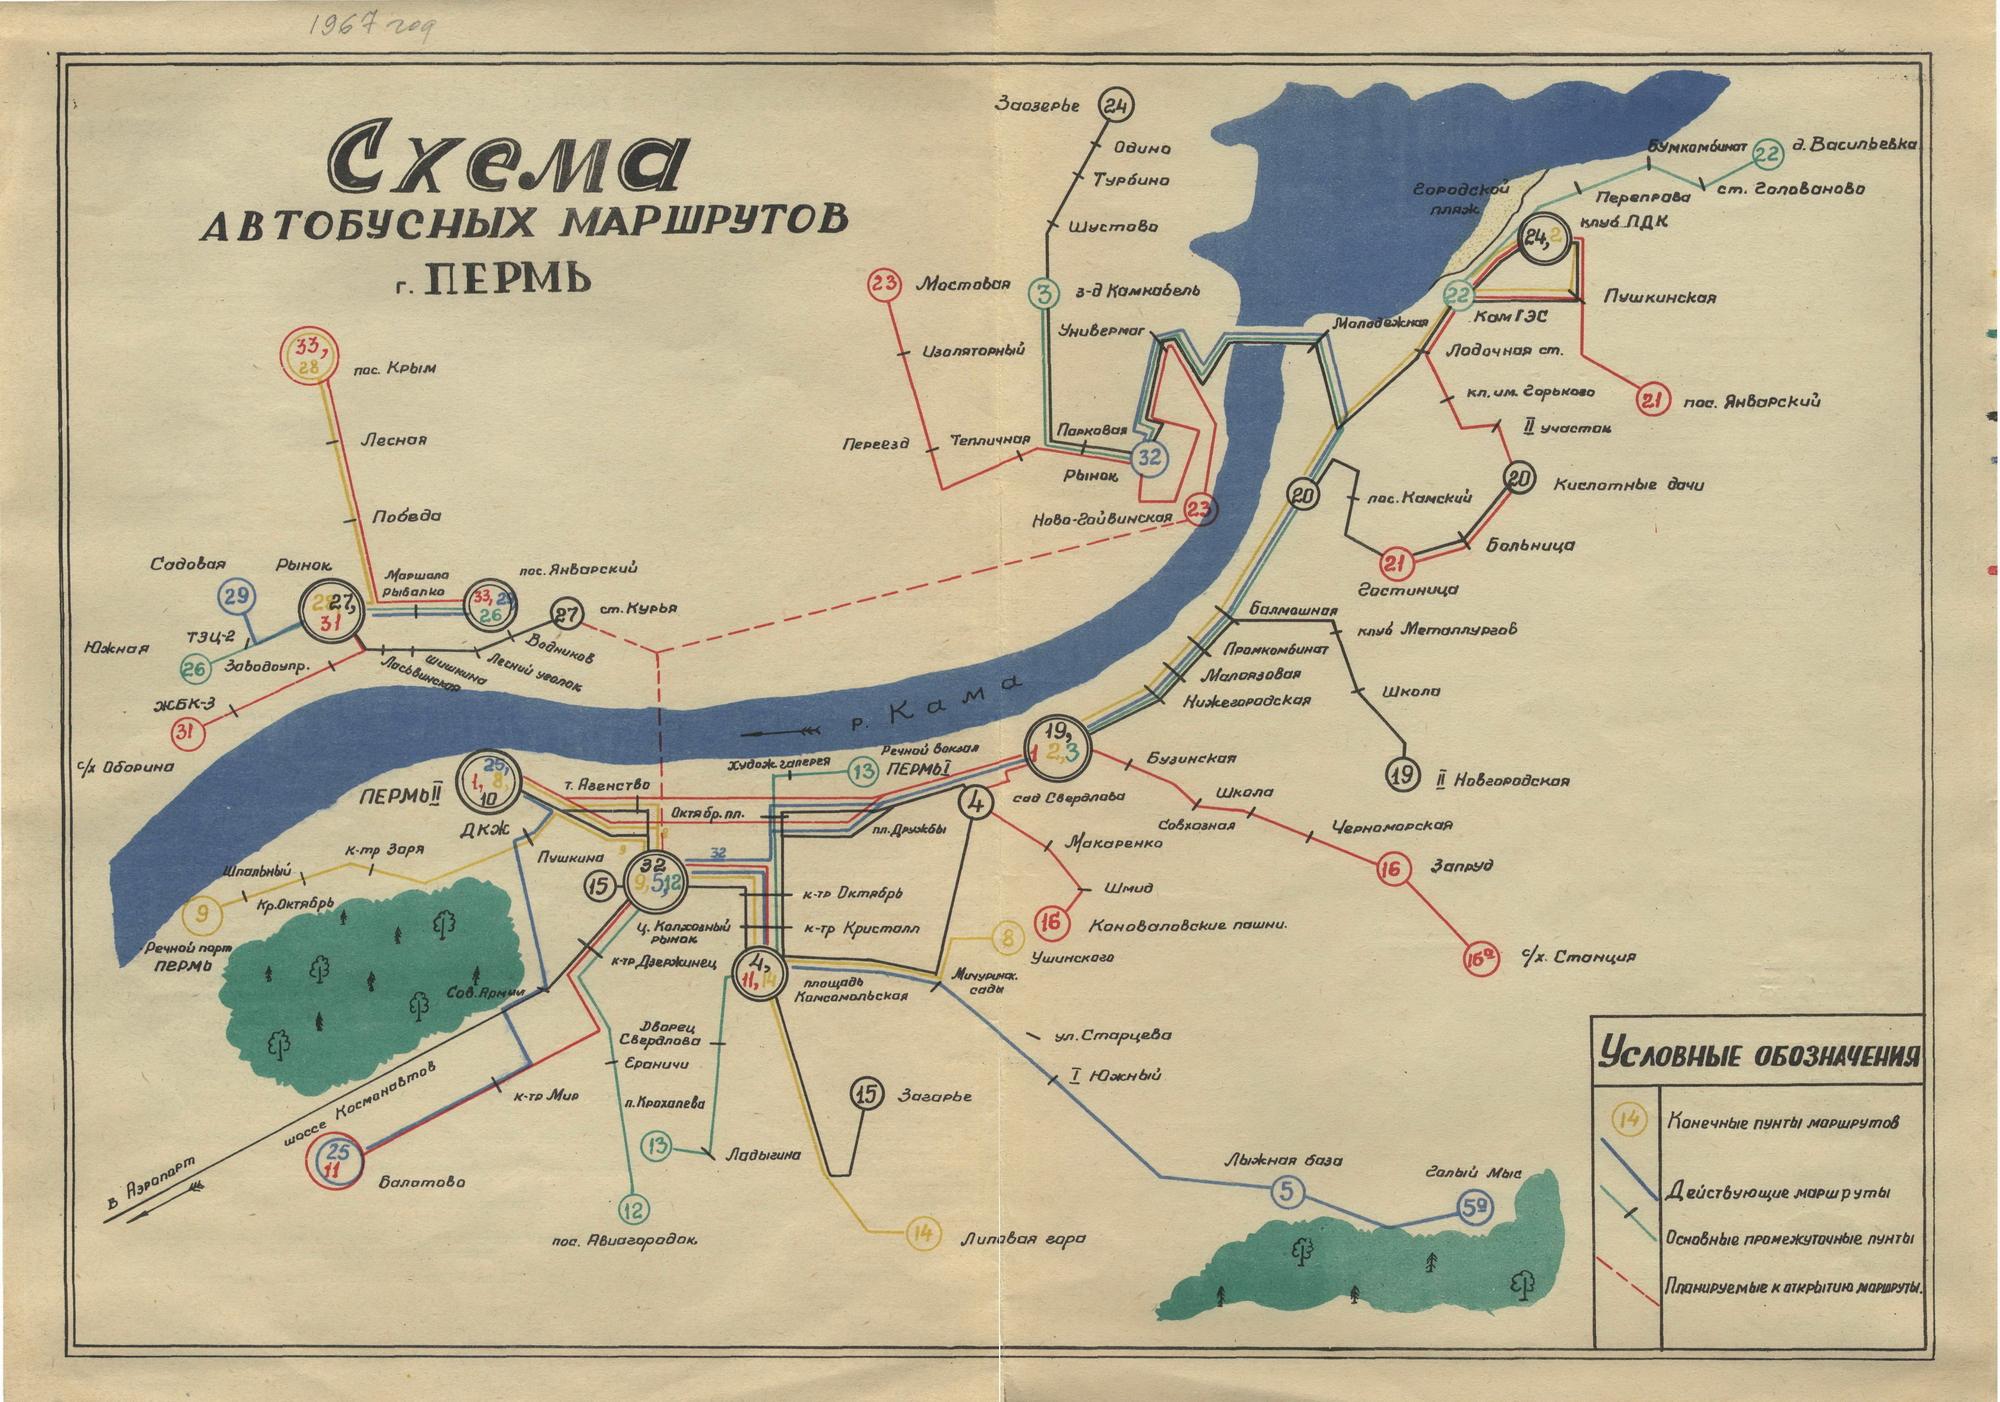 Схема автобусных маршрутов 1967 год.